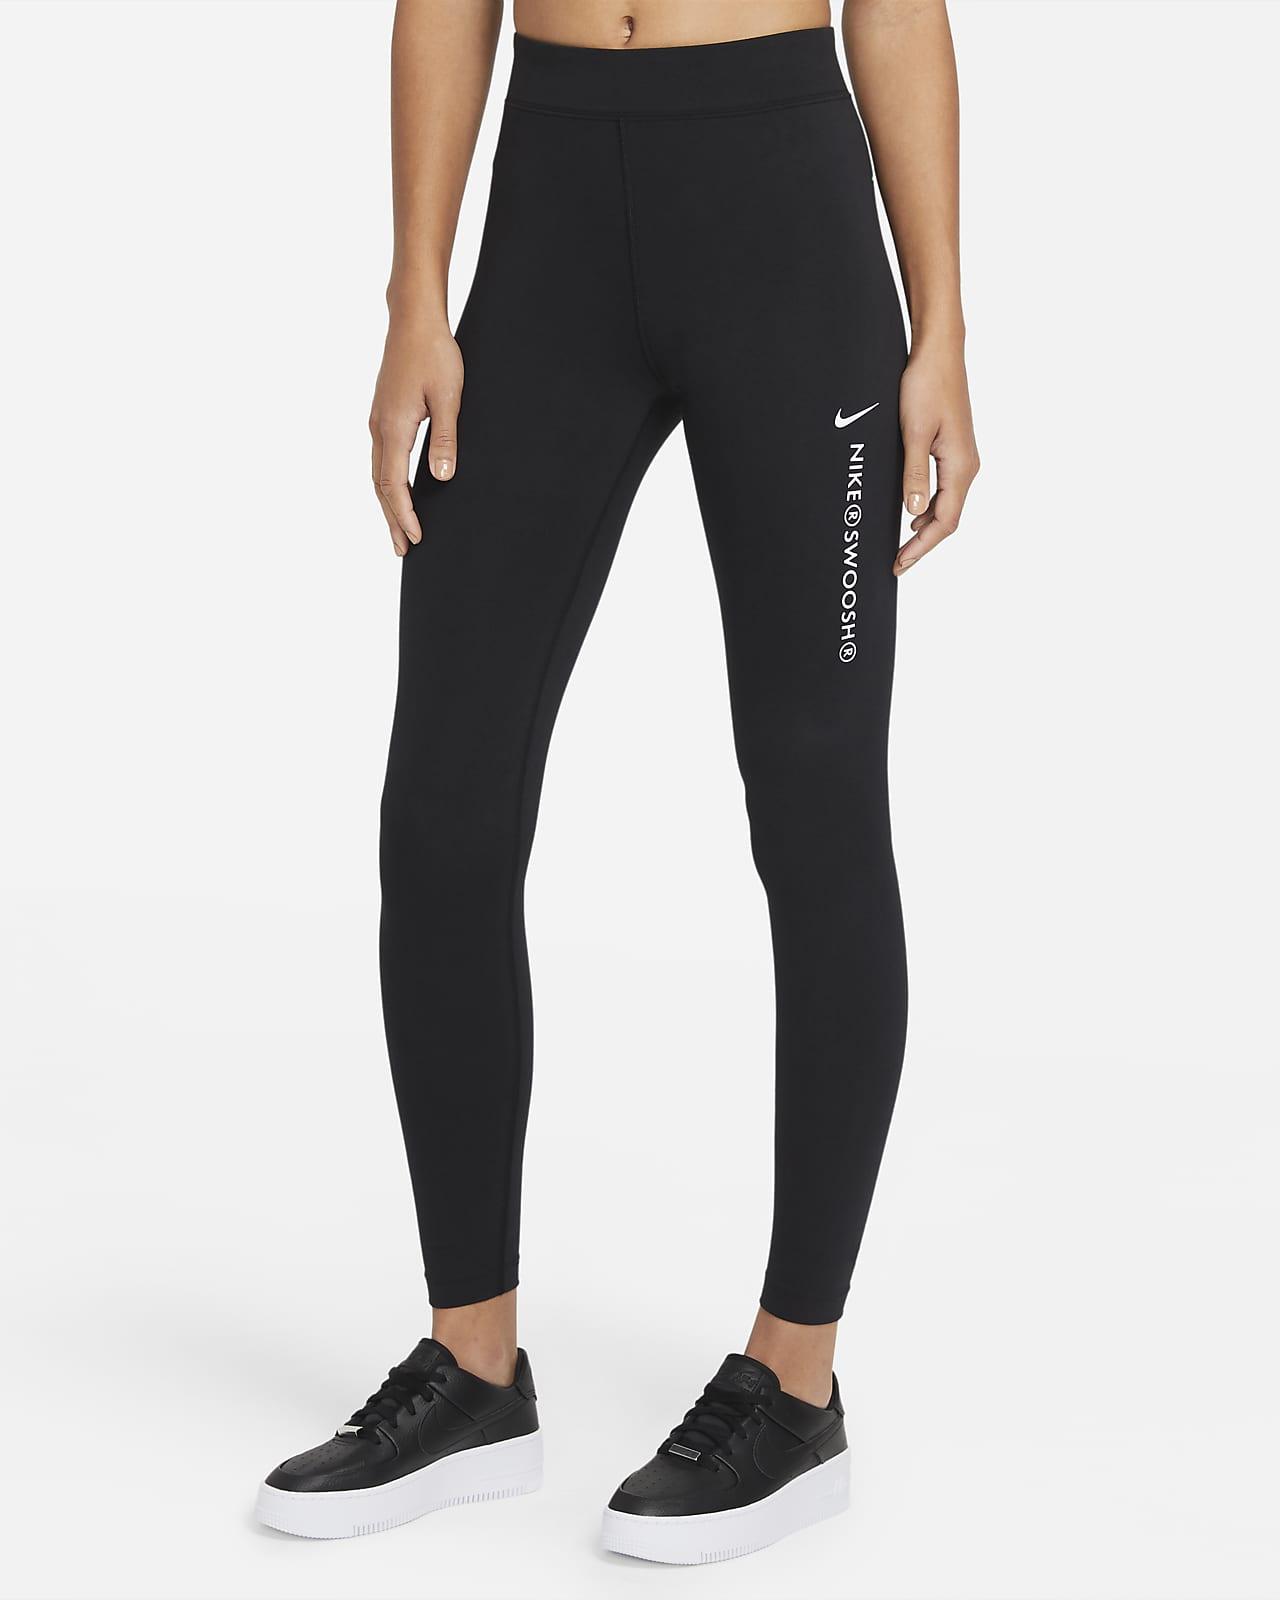 Leggings de cintura subida Nike Sportswear Swoosh para mulher